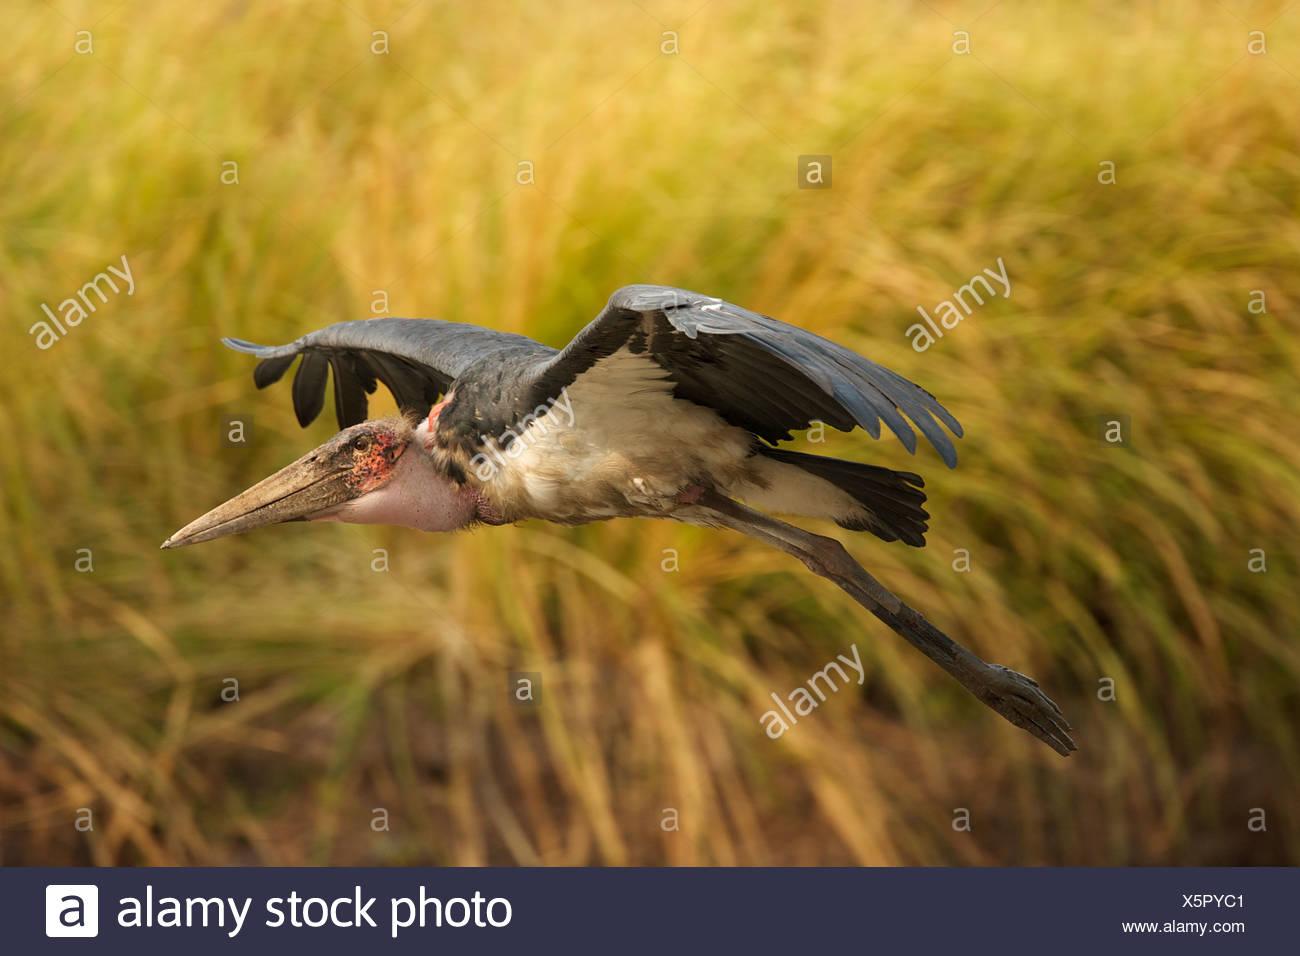 Marabou stork - Leptoptilos crumeniferus, Mana Pools National Park, Zimbabwe - Stock Image